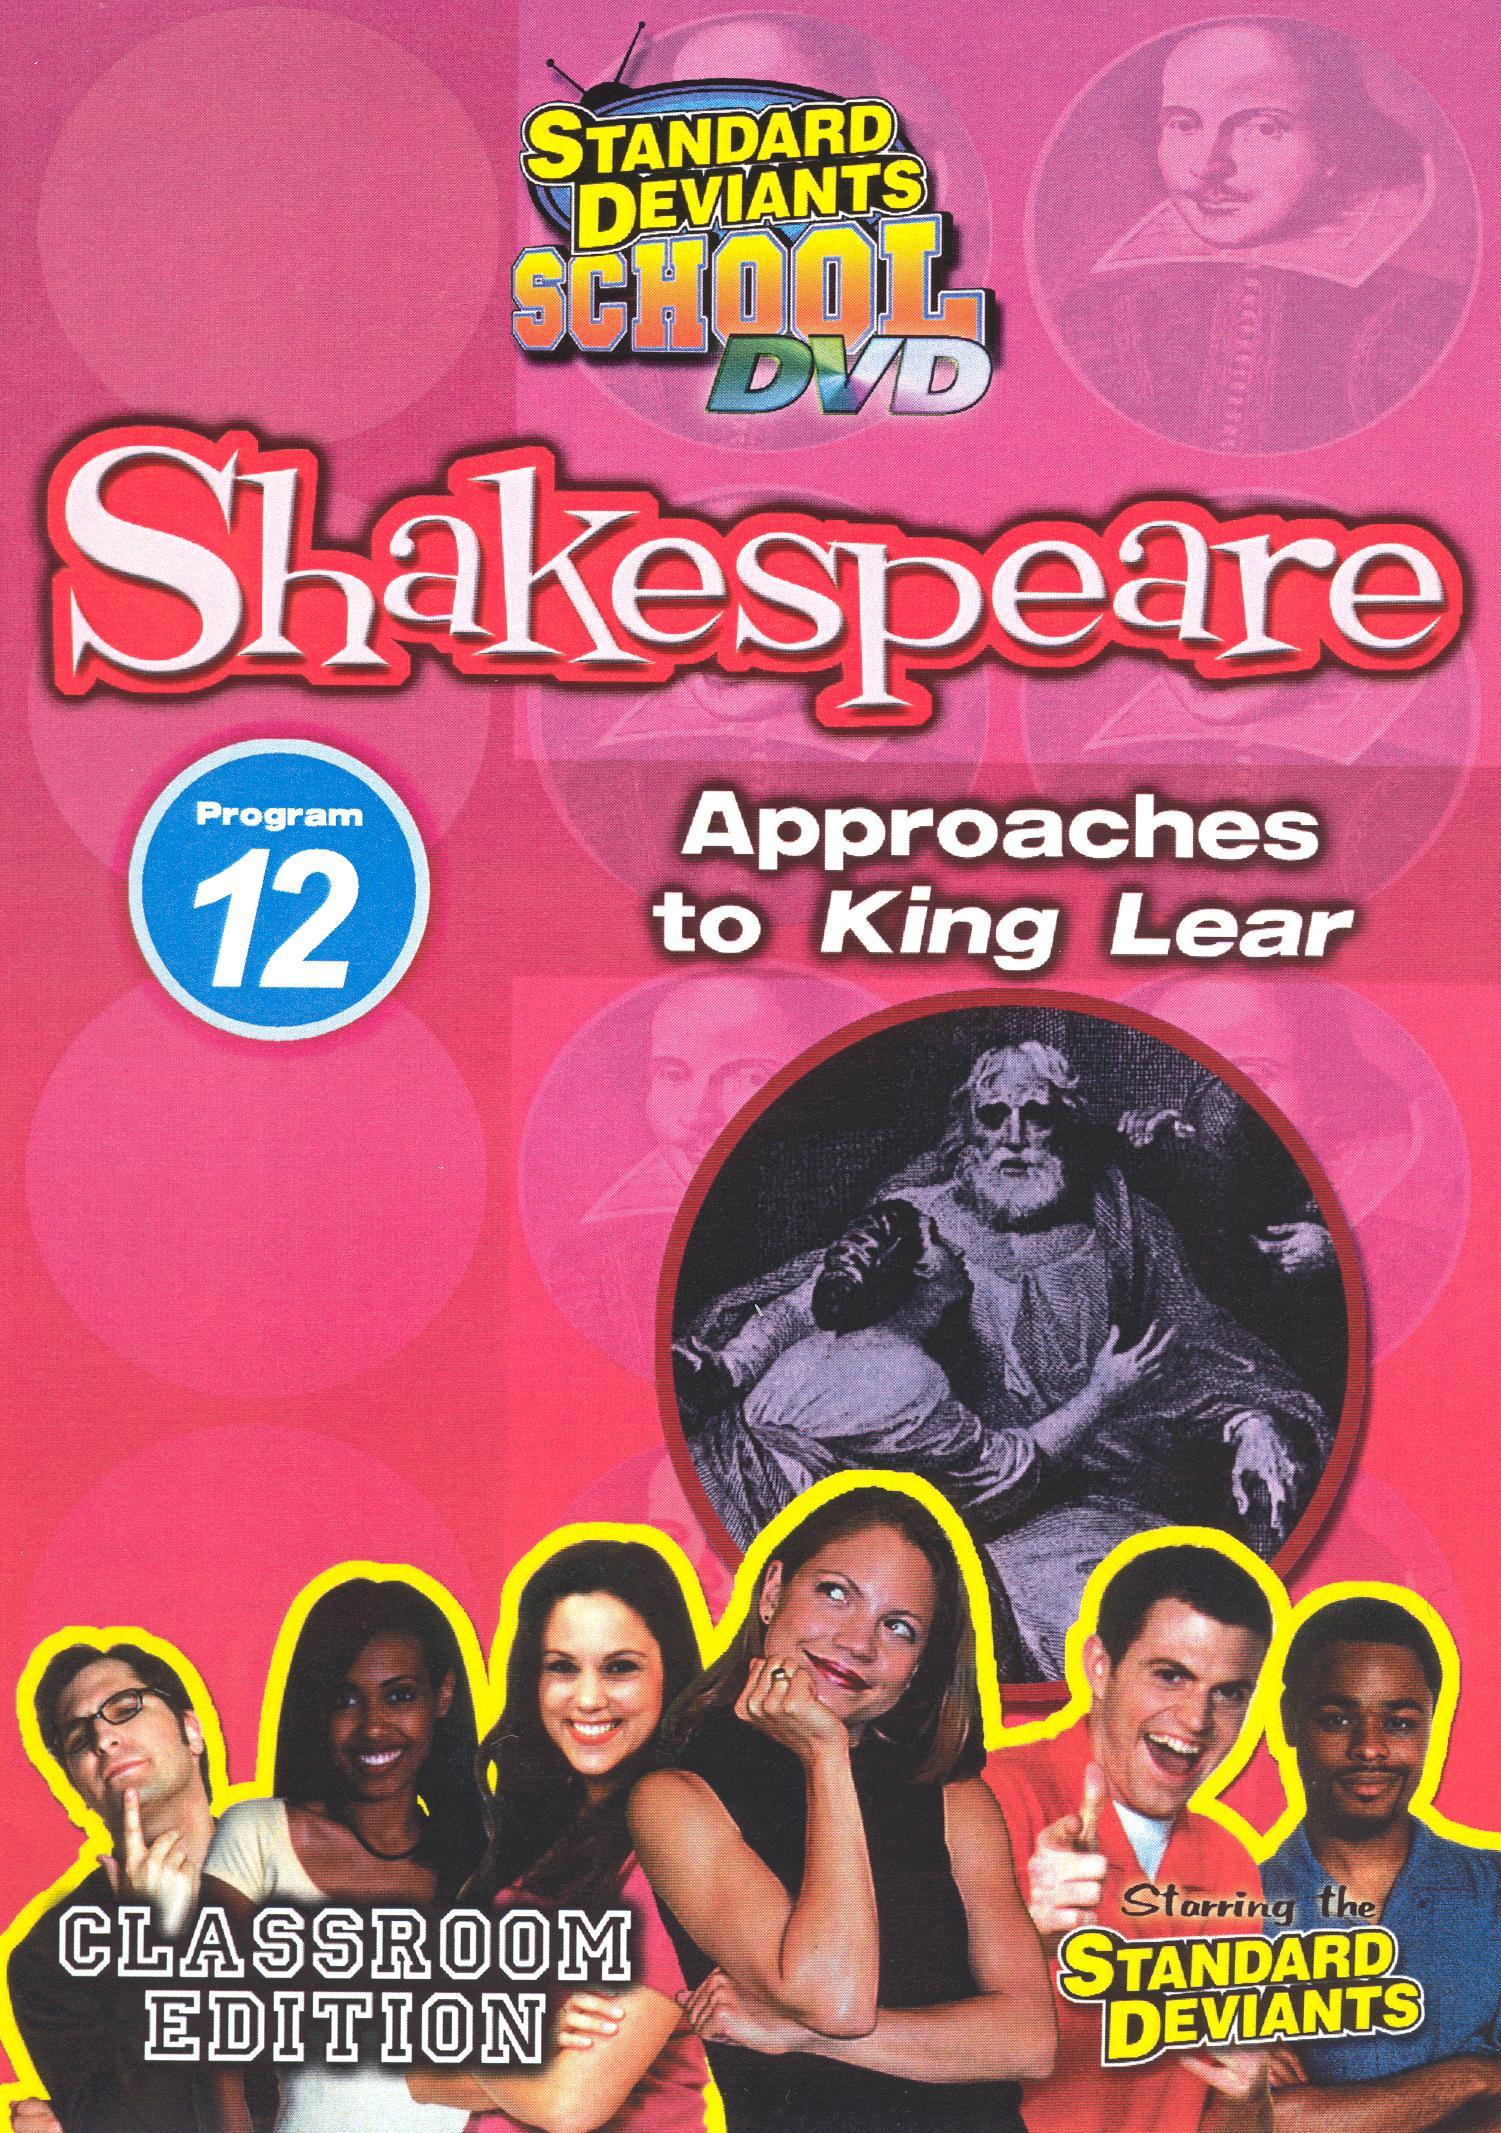 Standard Deviants School: Shakespeare, Program 12 - Approaches to King Lear